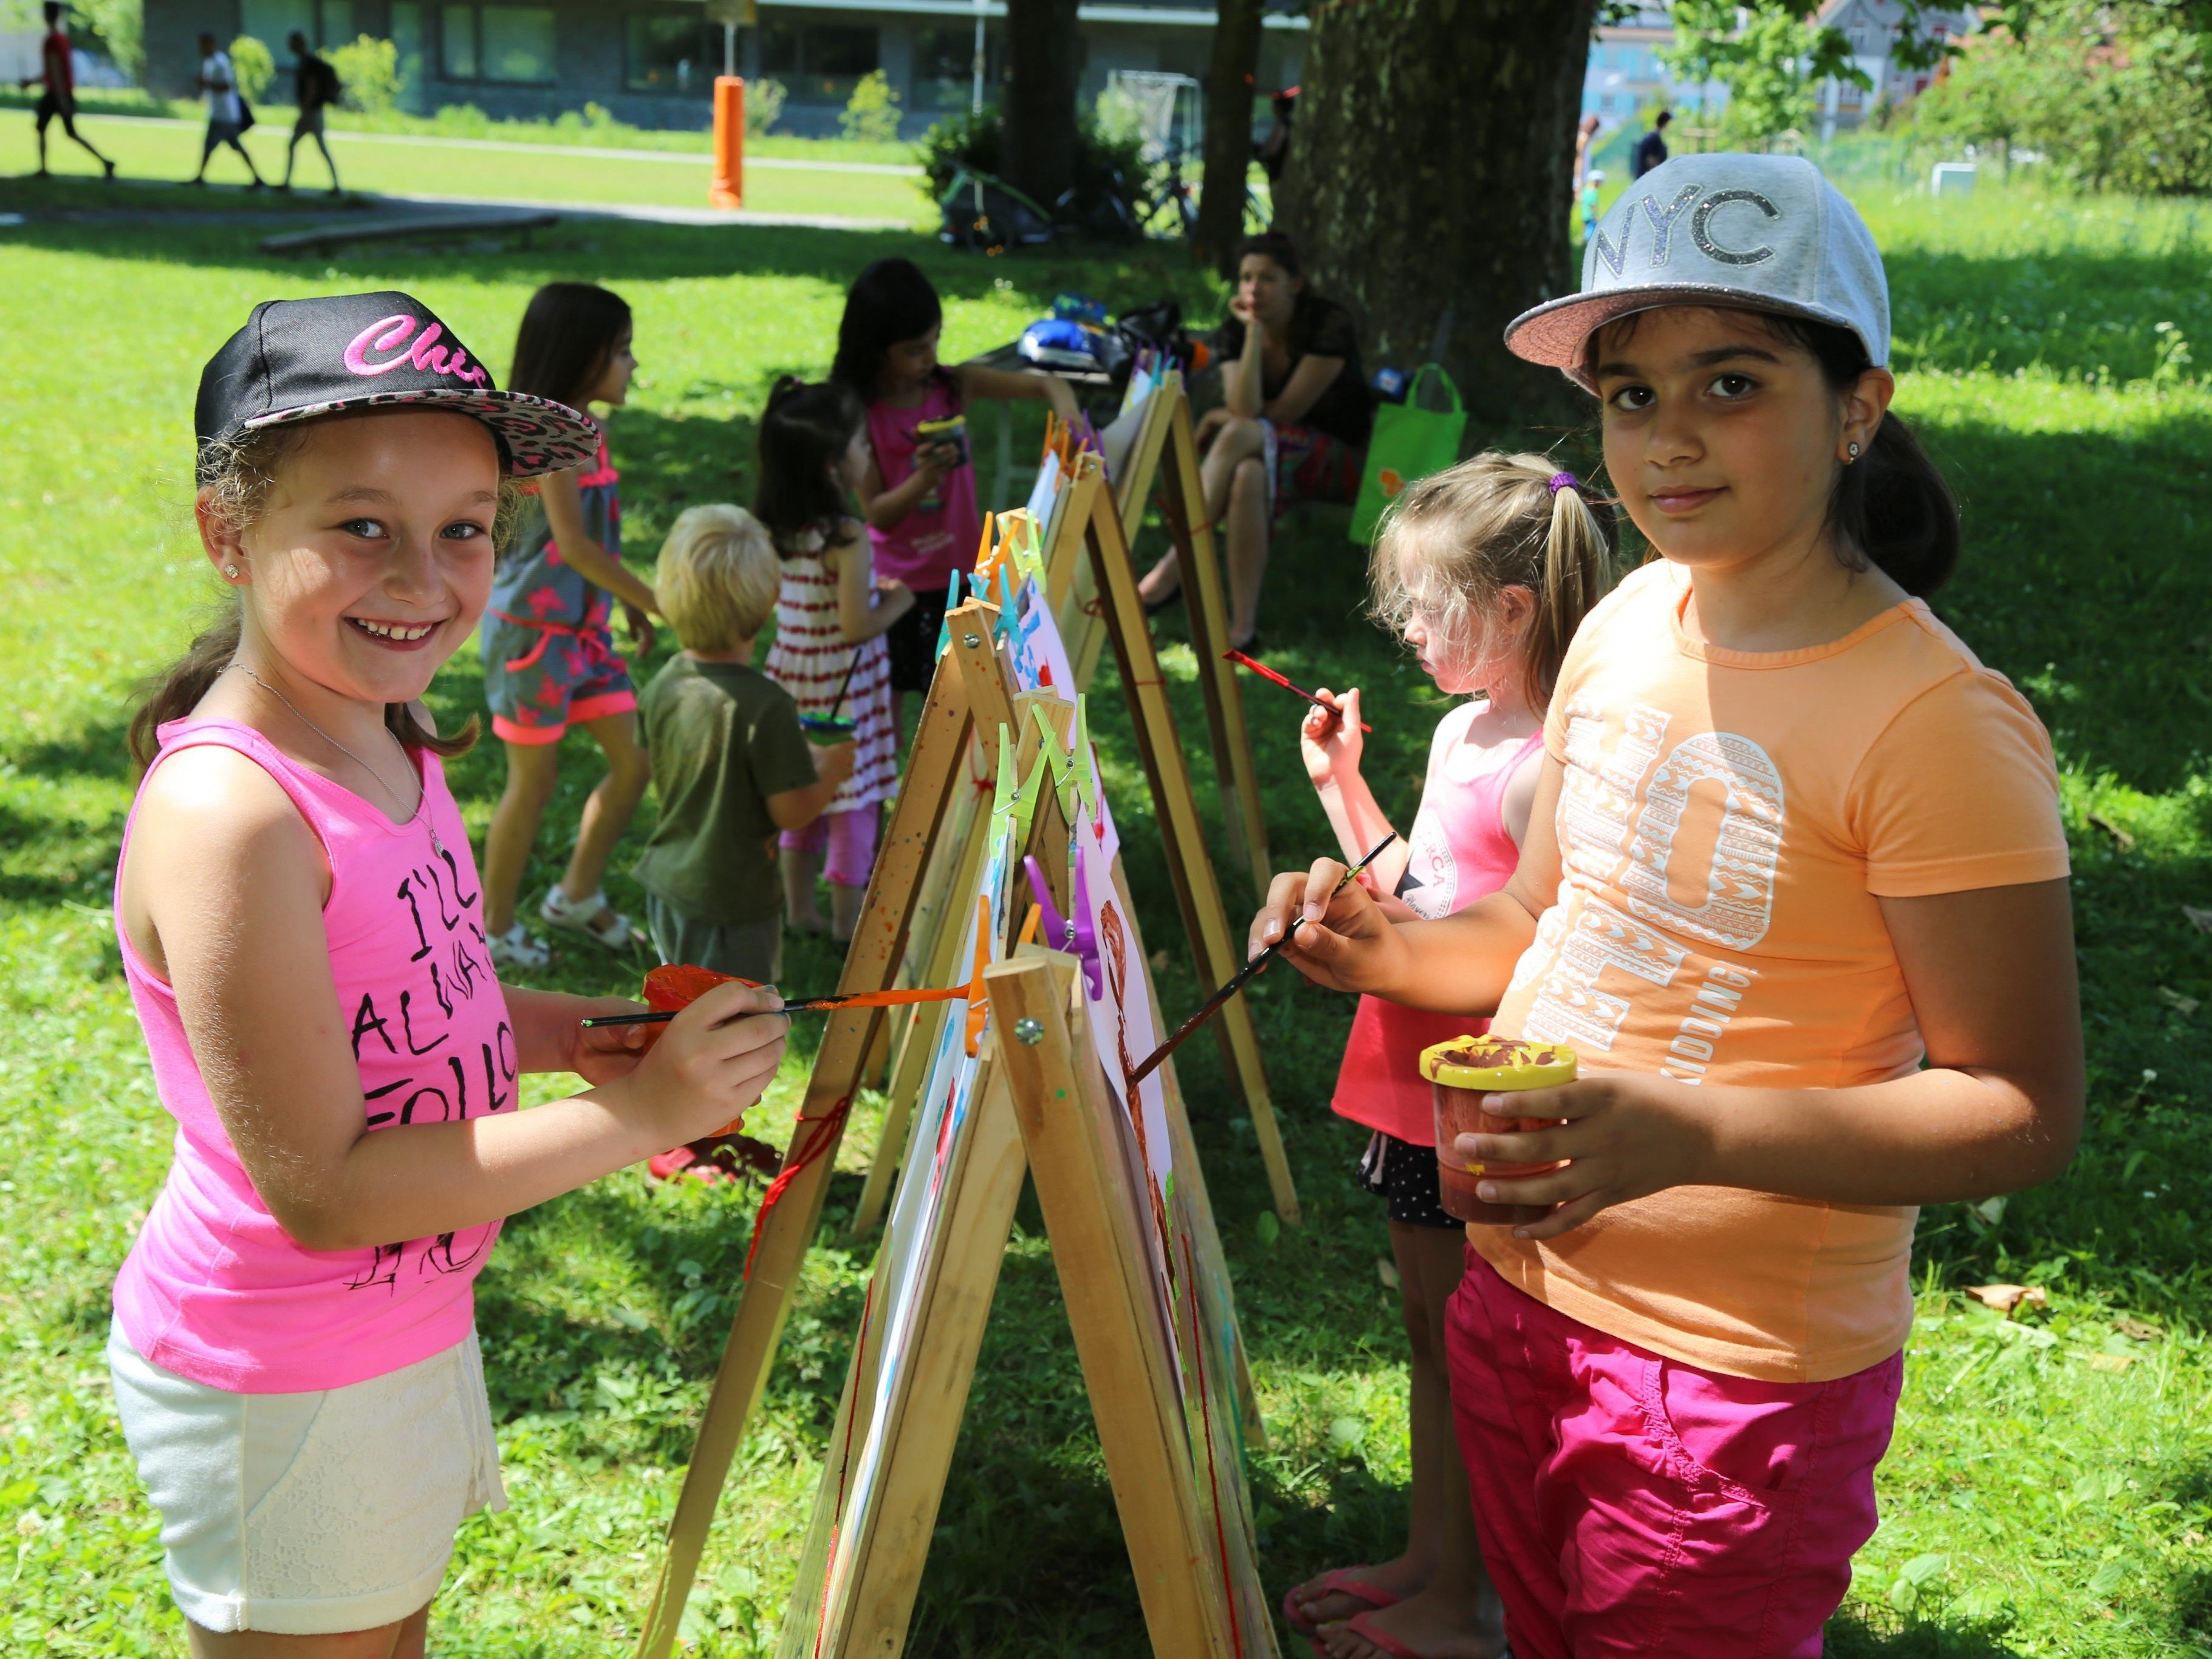 Colleen und Ela zeigten künstlerisches Talent mit dem Pinsel im Reichenfeld.